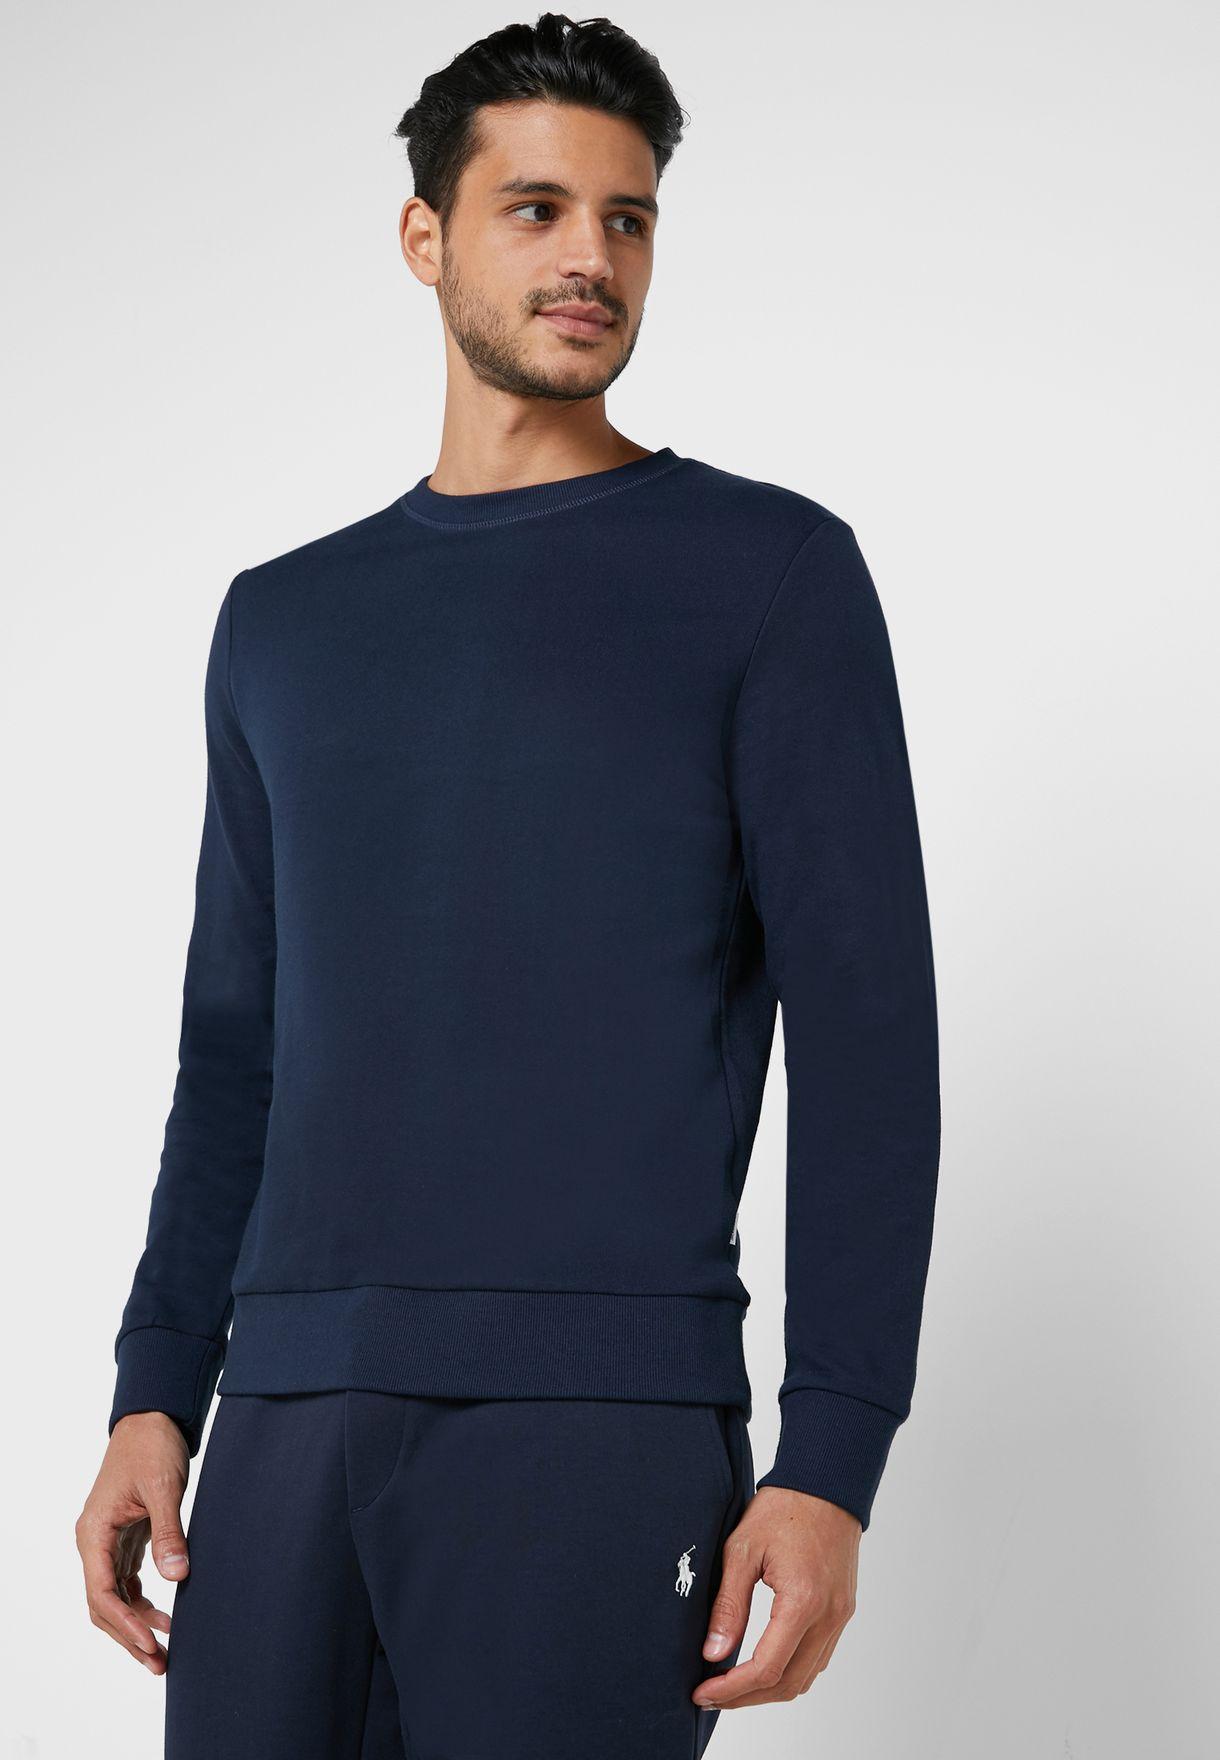 Holmen Regular Fit Sweatshirt